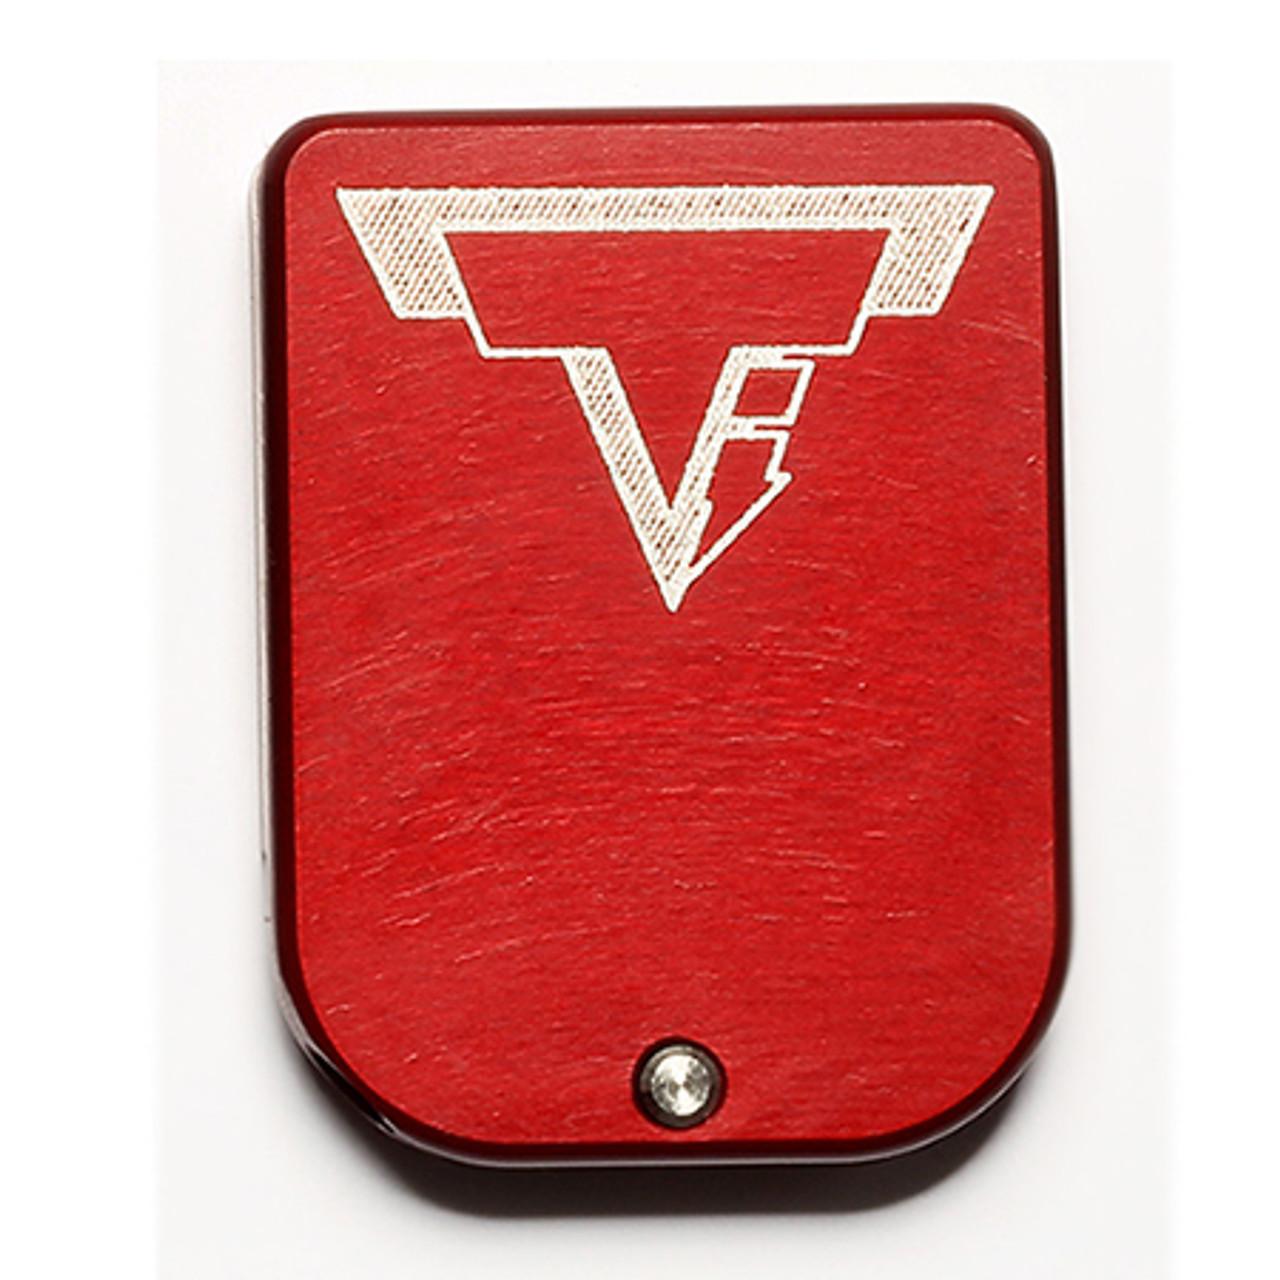 Taran Tactical - STI/SV Base Pads 7G2